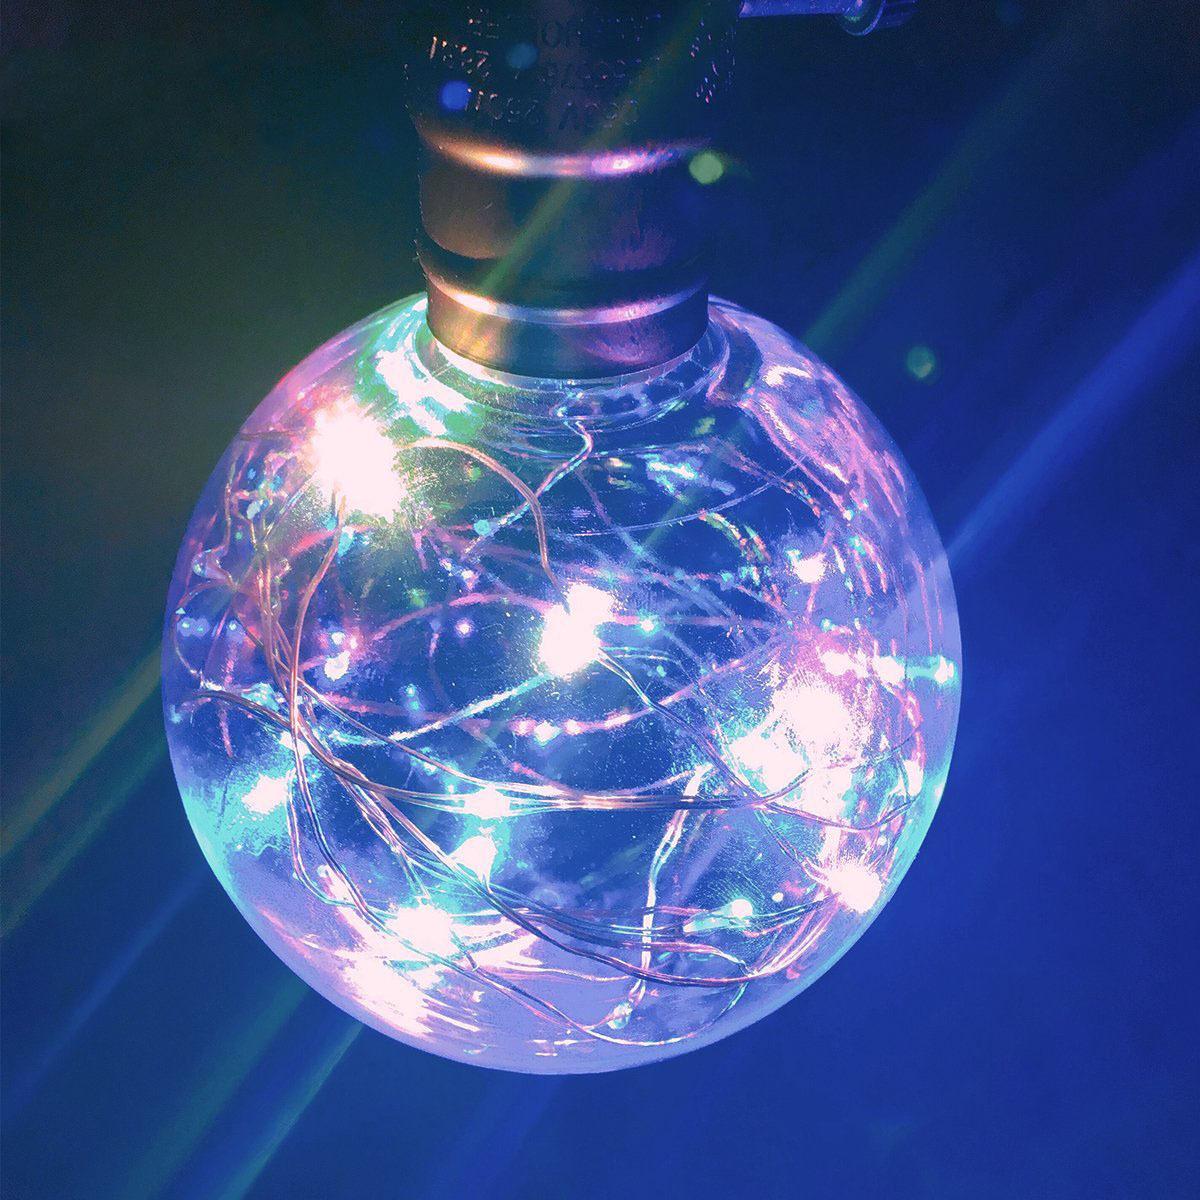 仙牛G95创意彩色LED灯泡E27七彩银线灯复古满天星圣诞装饰铜线灯